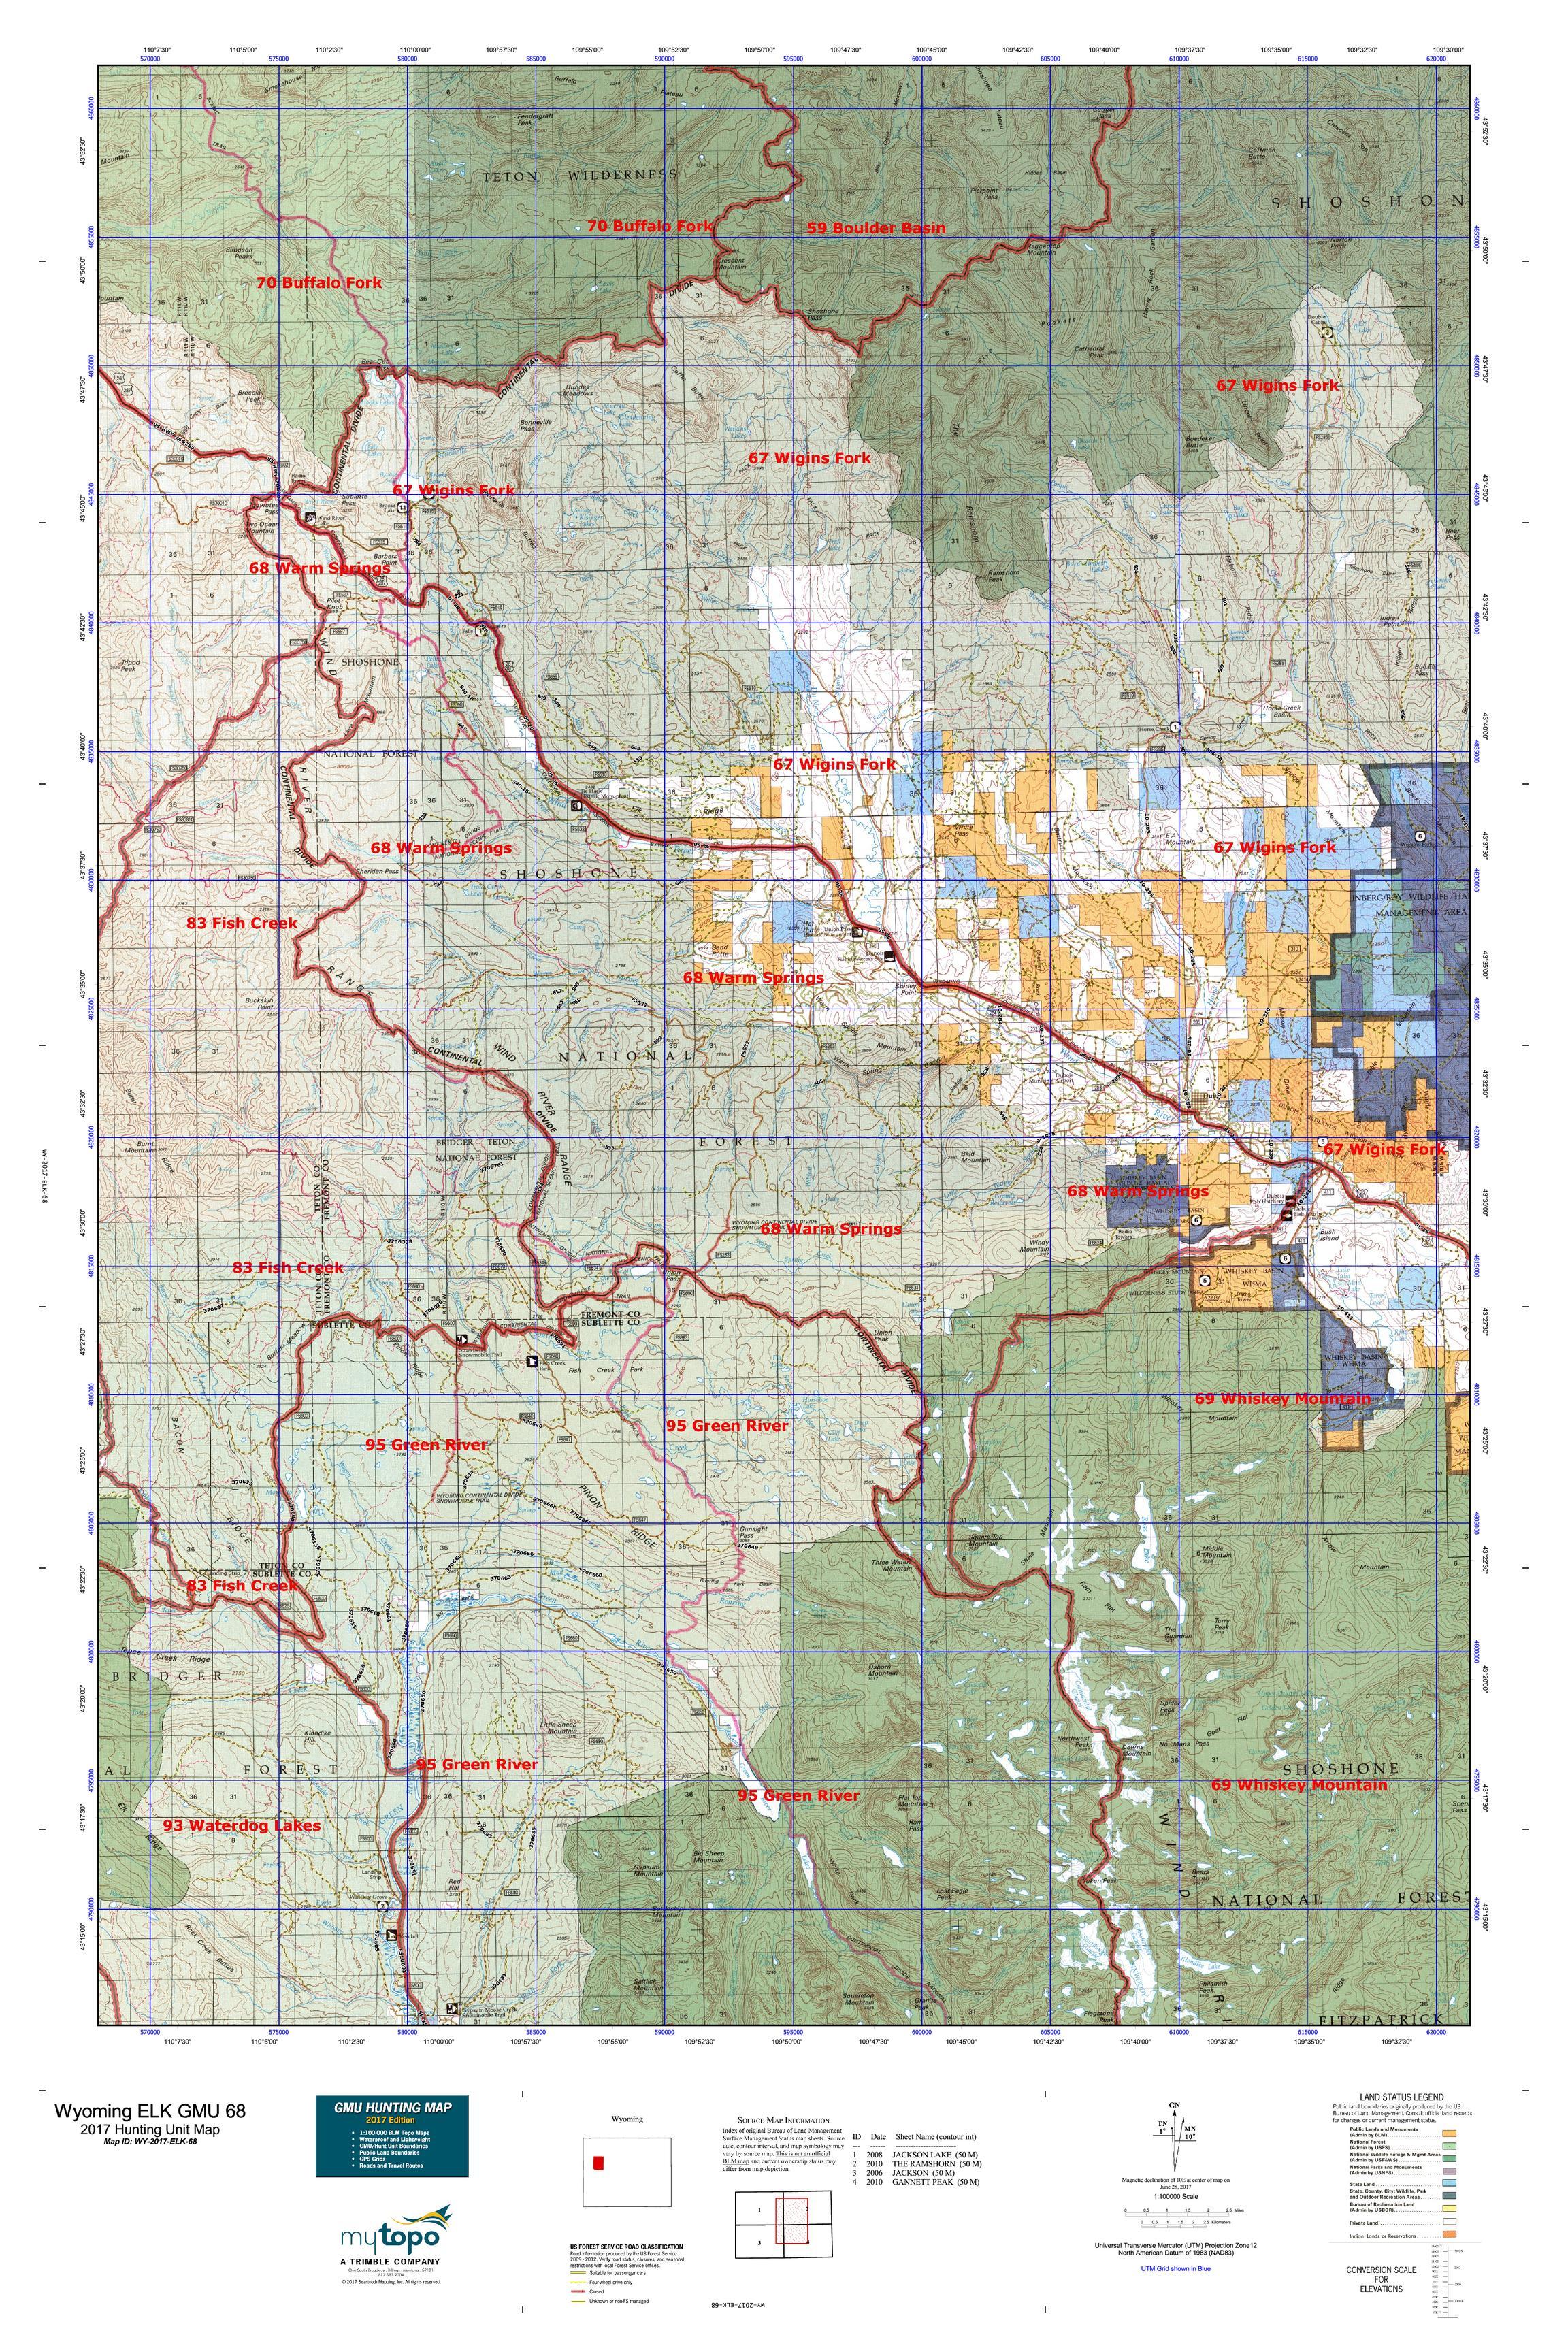 Wyoming ELK GMU Map MyTopo - Us 68 map